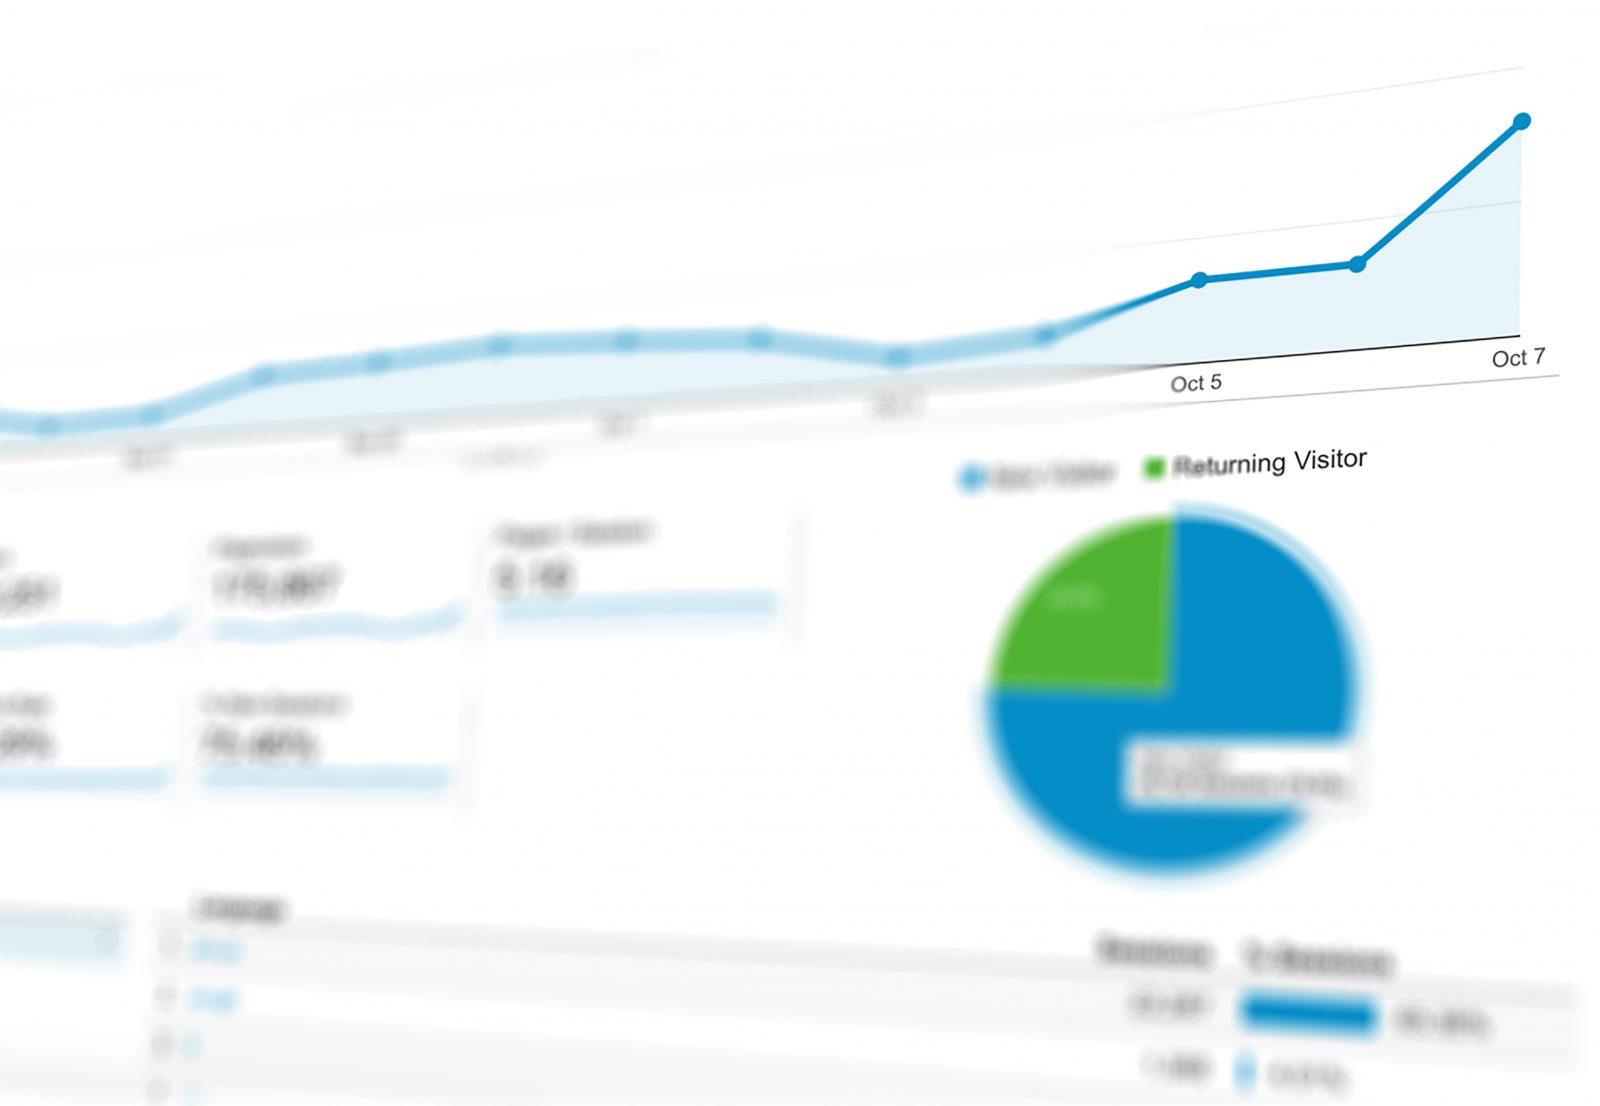 Migliora il tuo blog con statistiche e metriche Gianluca Gentile  - Migliora il tuo blog con statistiche e metriche Gianluca Gentile - Migliora il tuo blog con statistiche e metriche